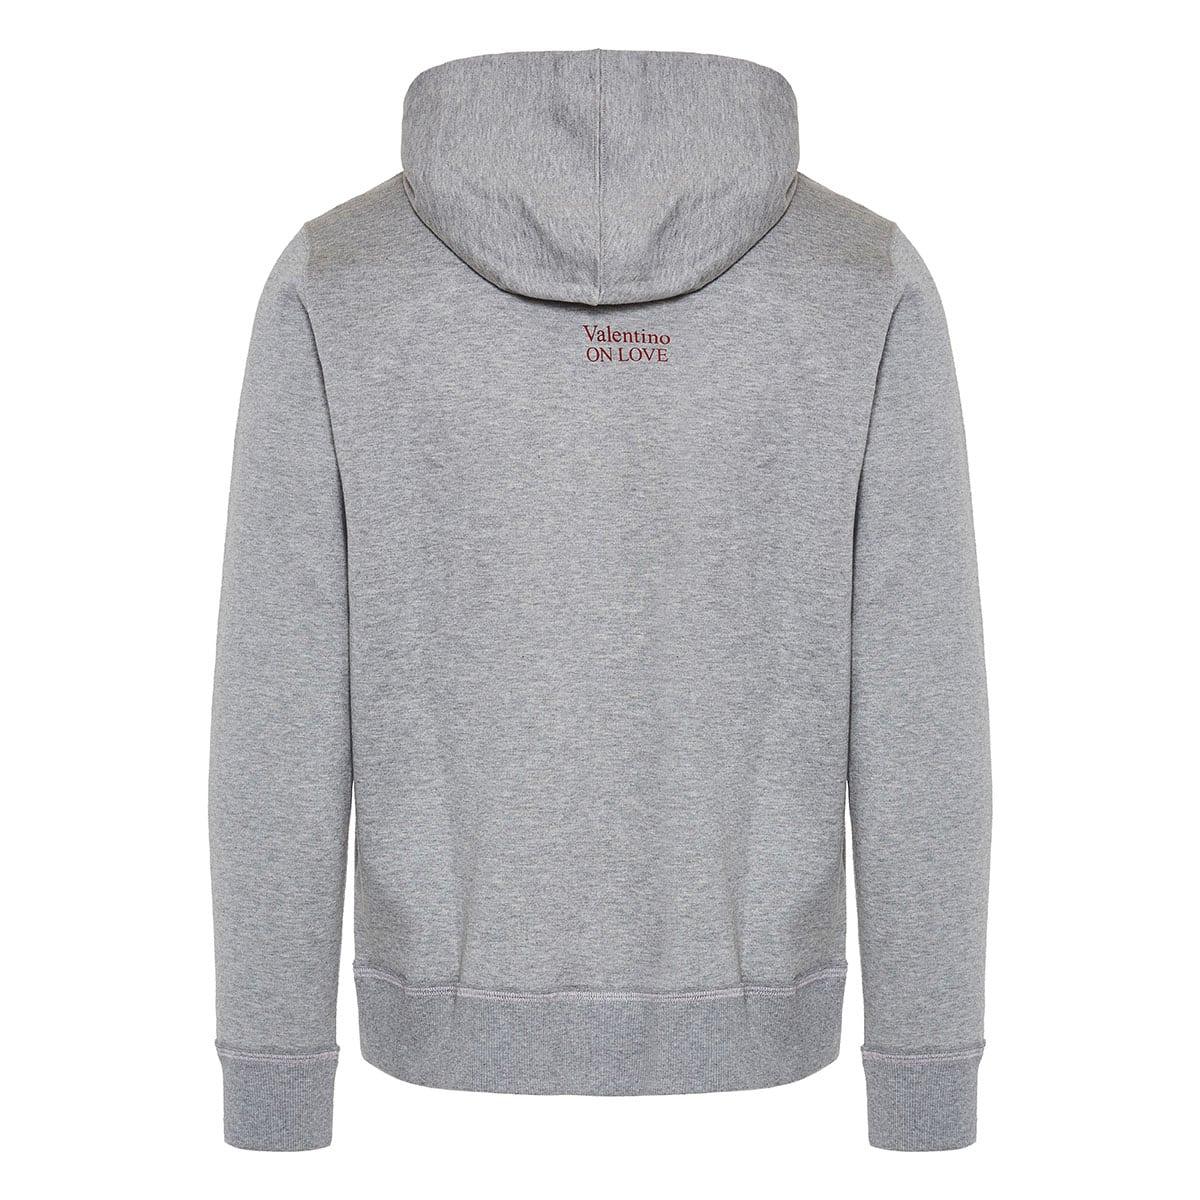 On Love logo hoodie